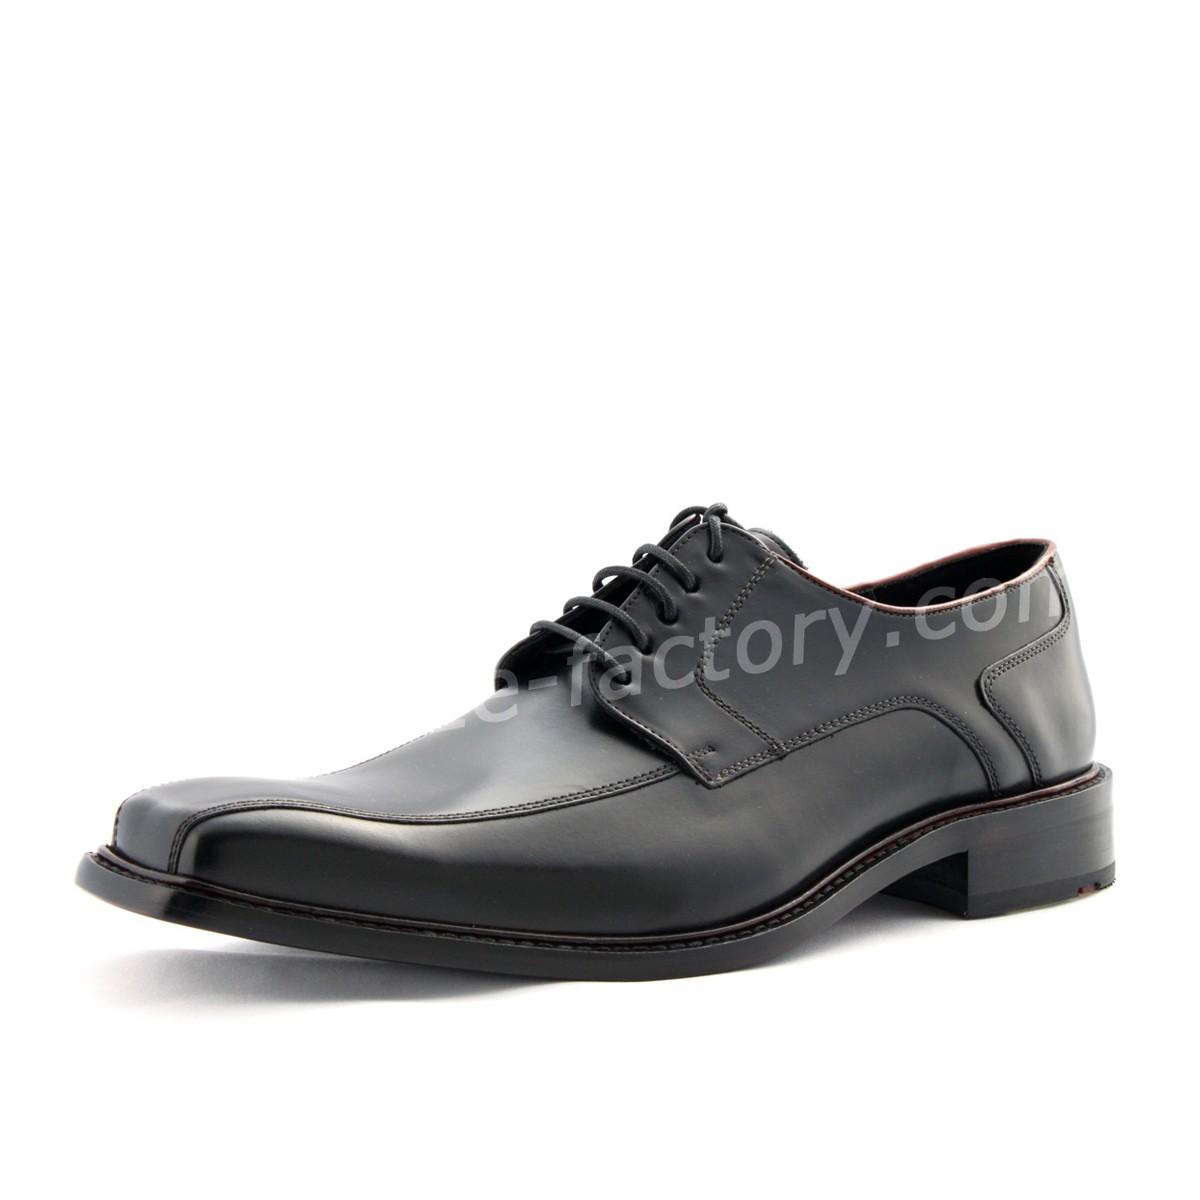 vente de chaussures en ligne grande taille. Black Bedroom Furniture Sets. Home Design Ideas